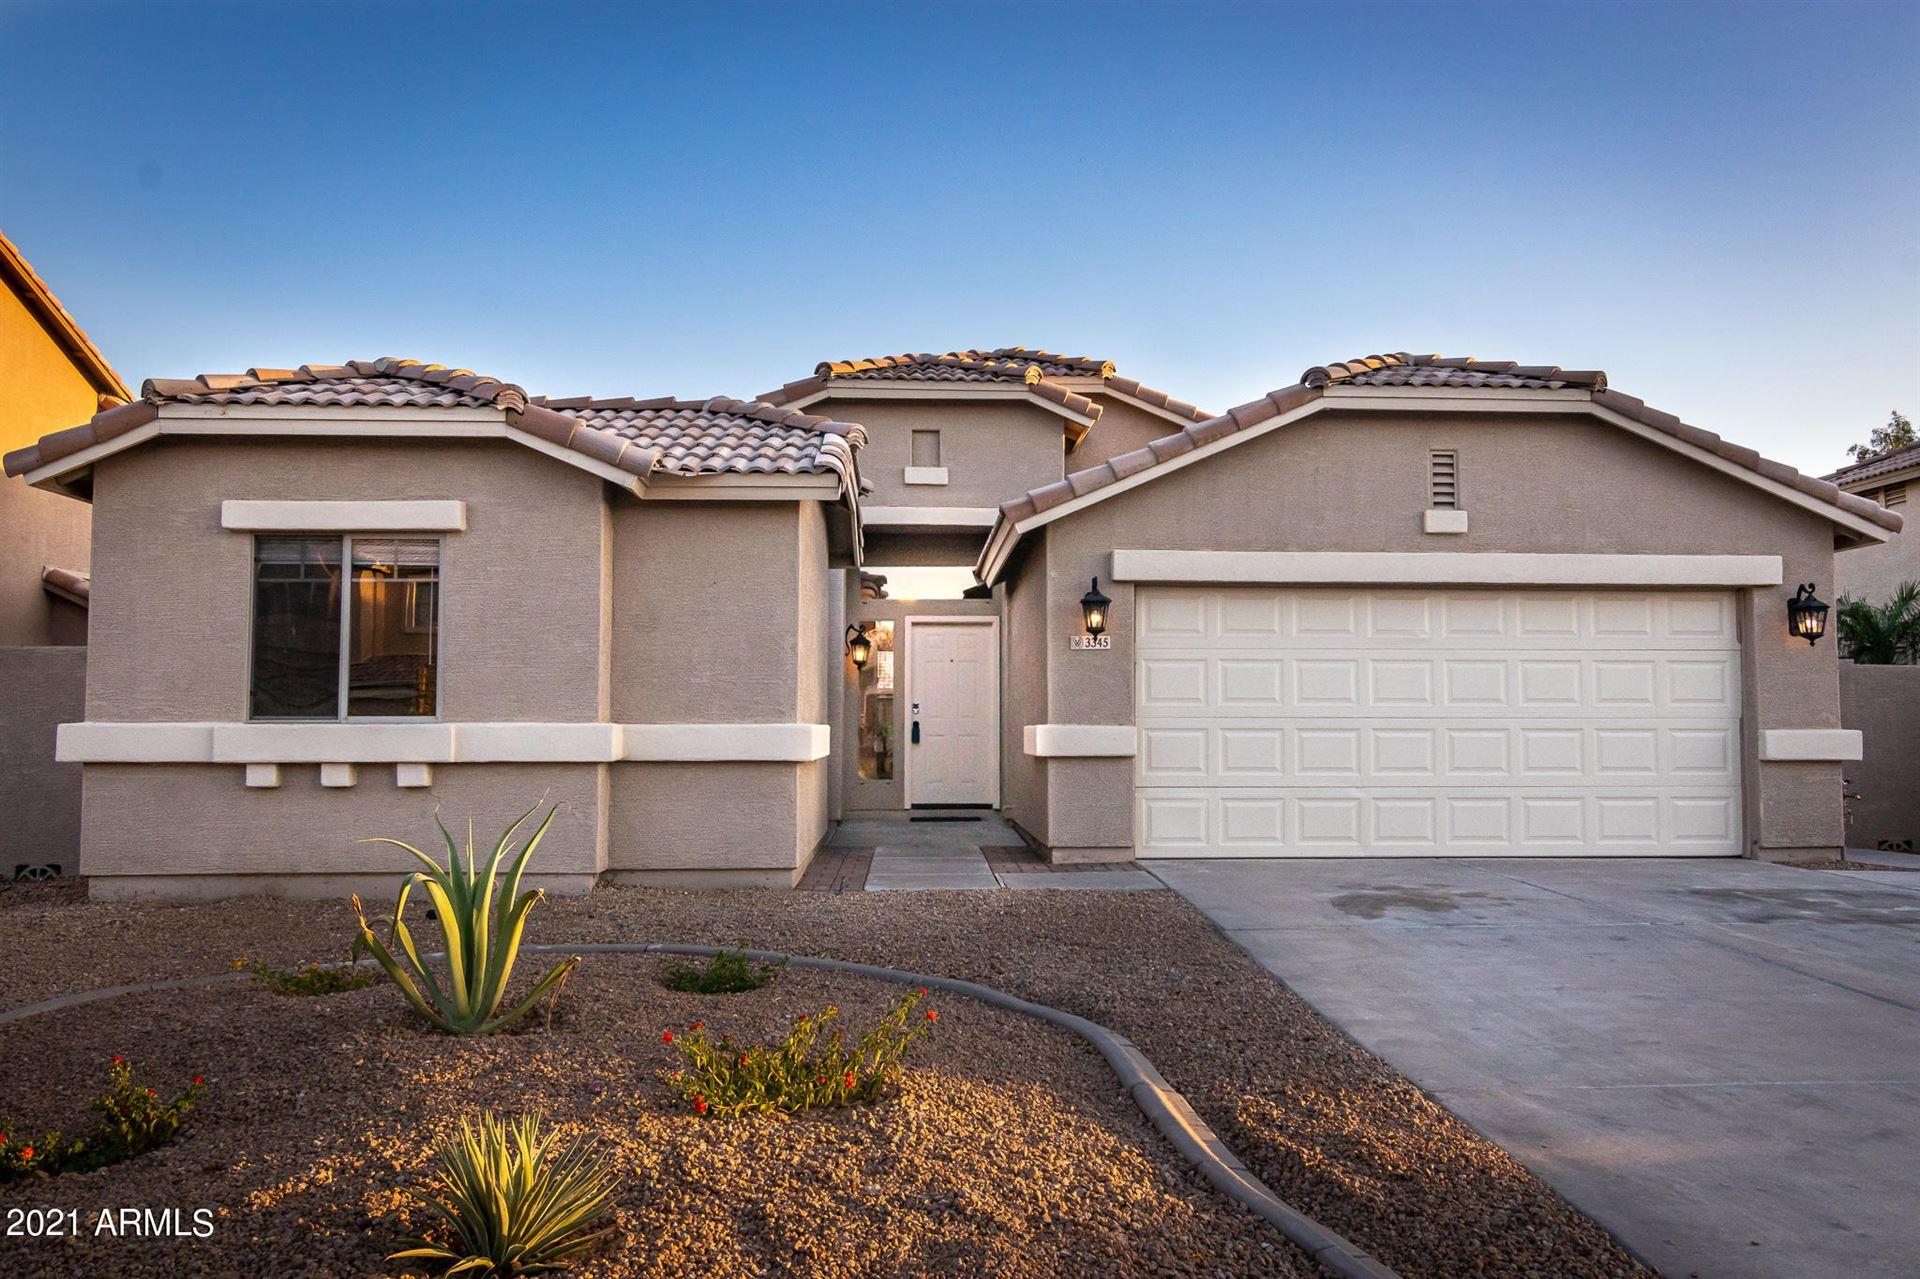 3345 E WARBLER Road, Gilbert, AZ 85297 - MLS#: 6237705